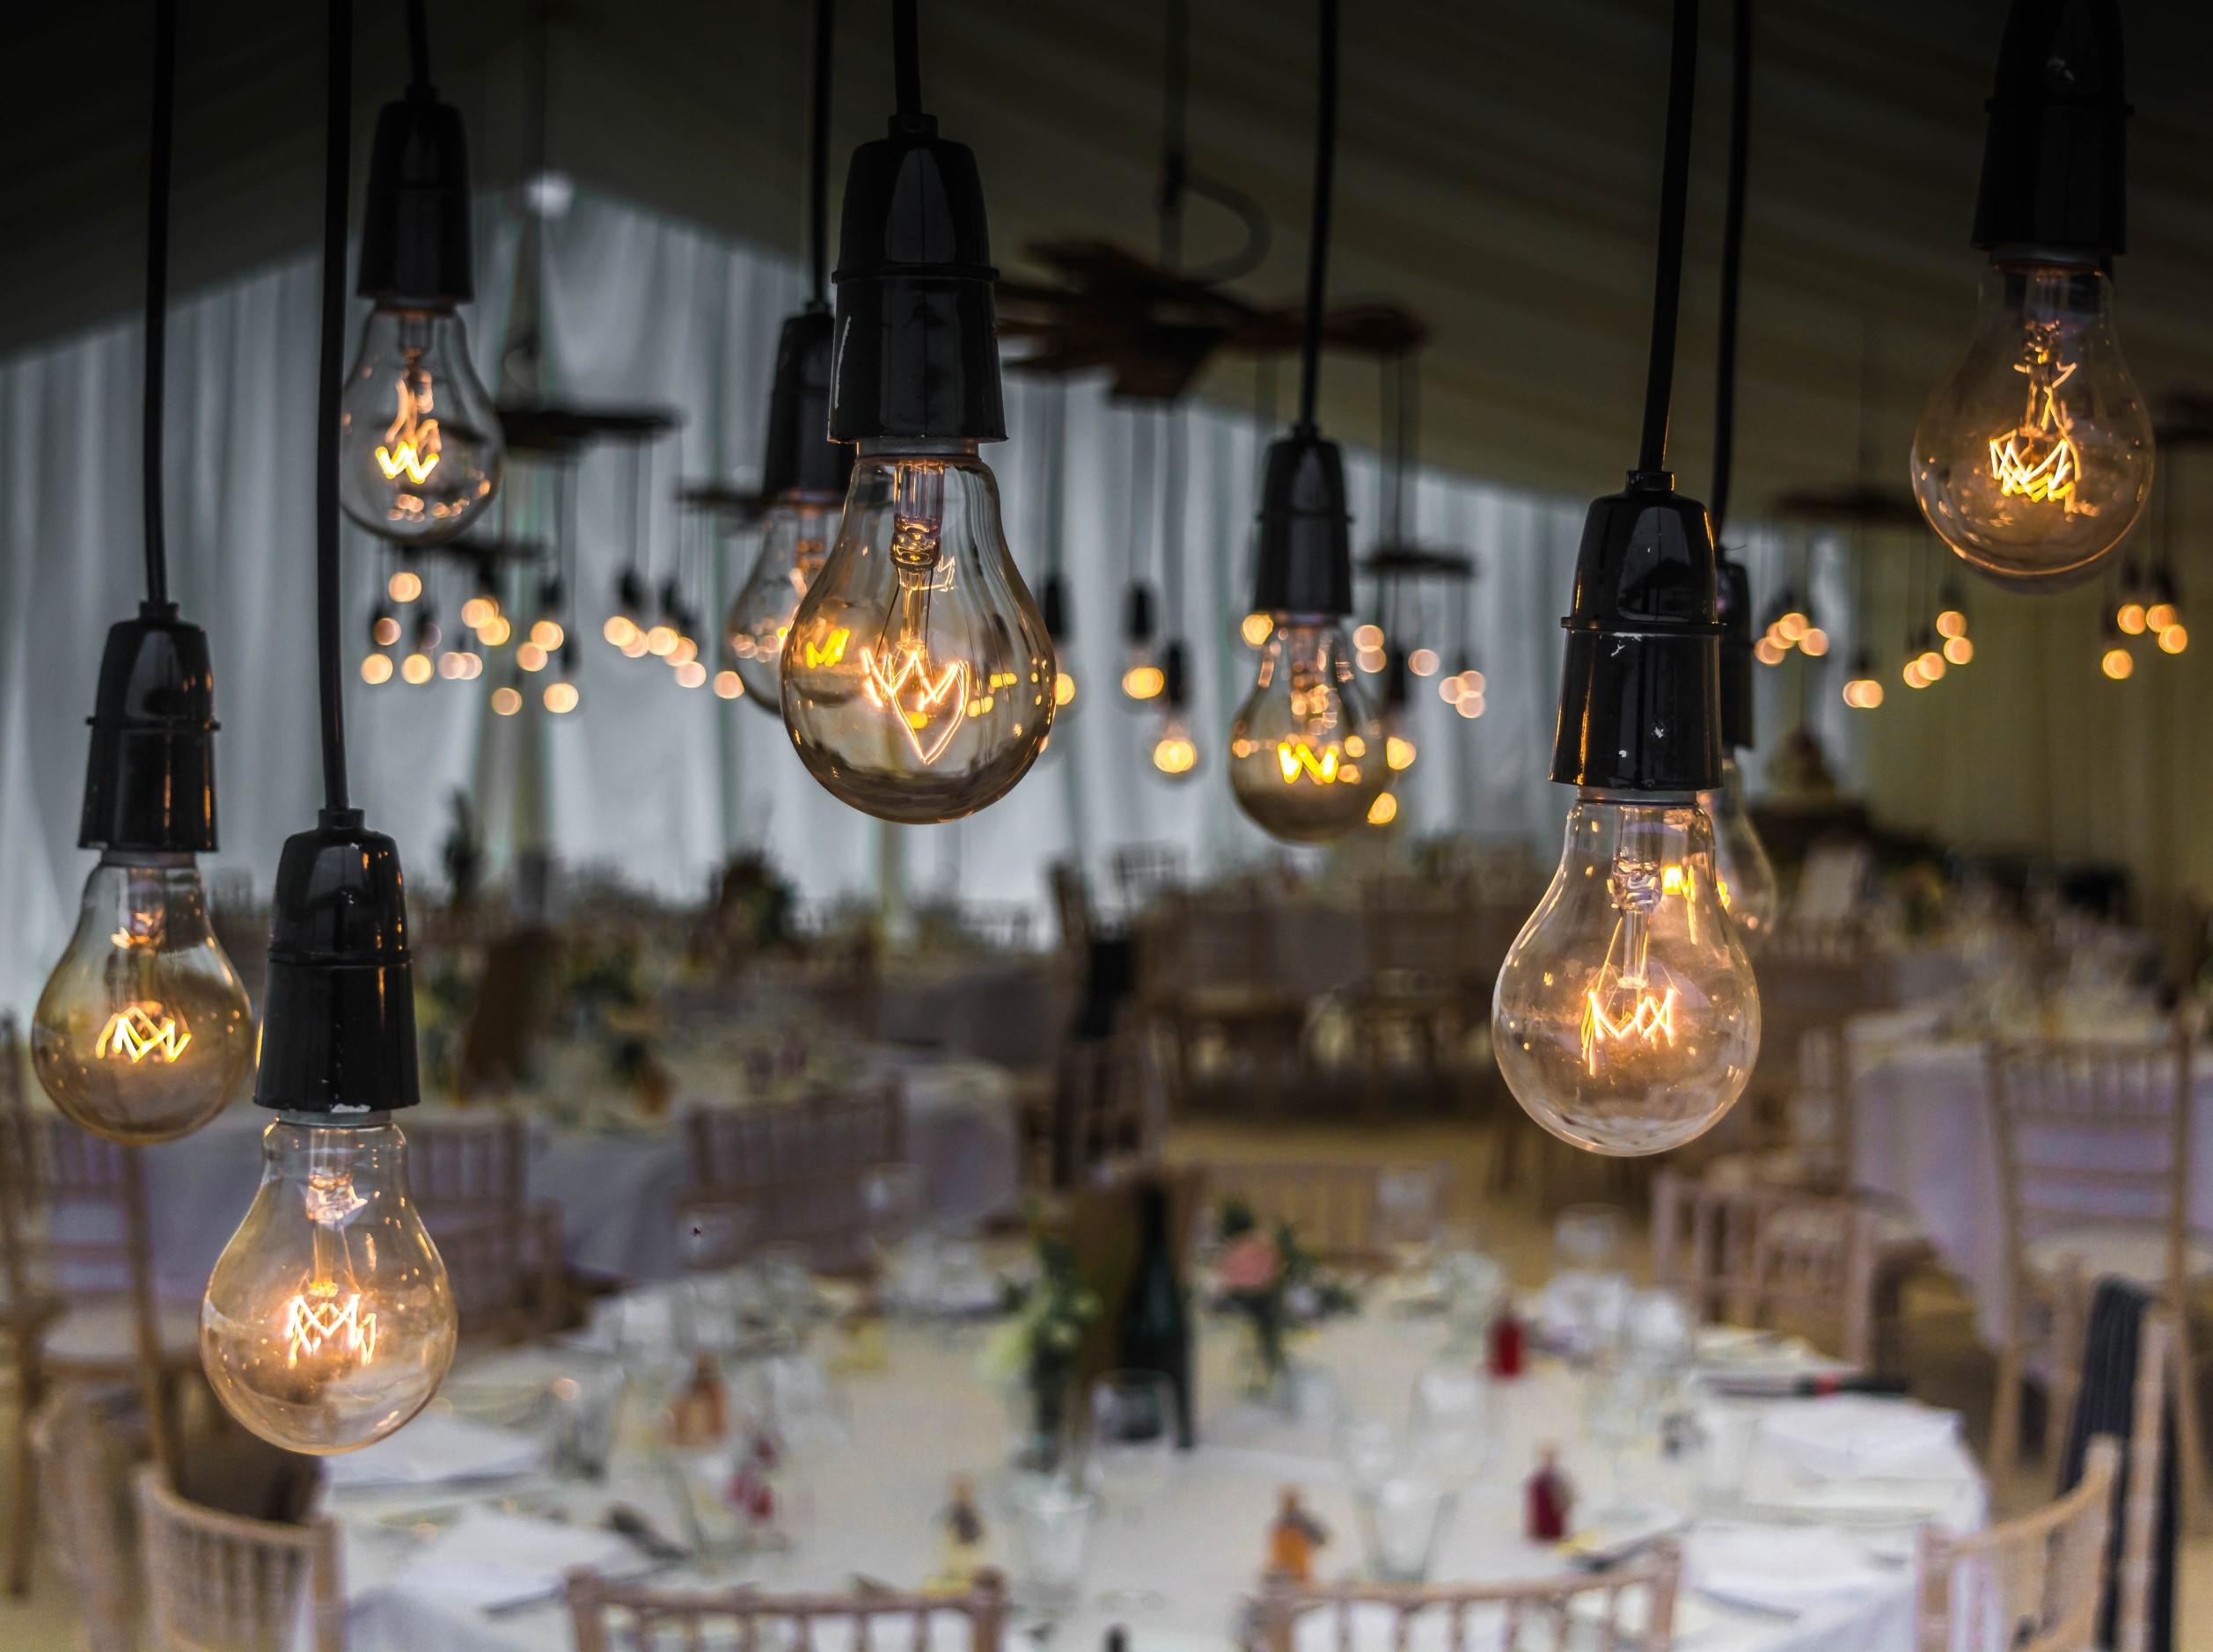 Illuminazione con lascom locali e negozi più belli e risparmiosi